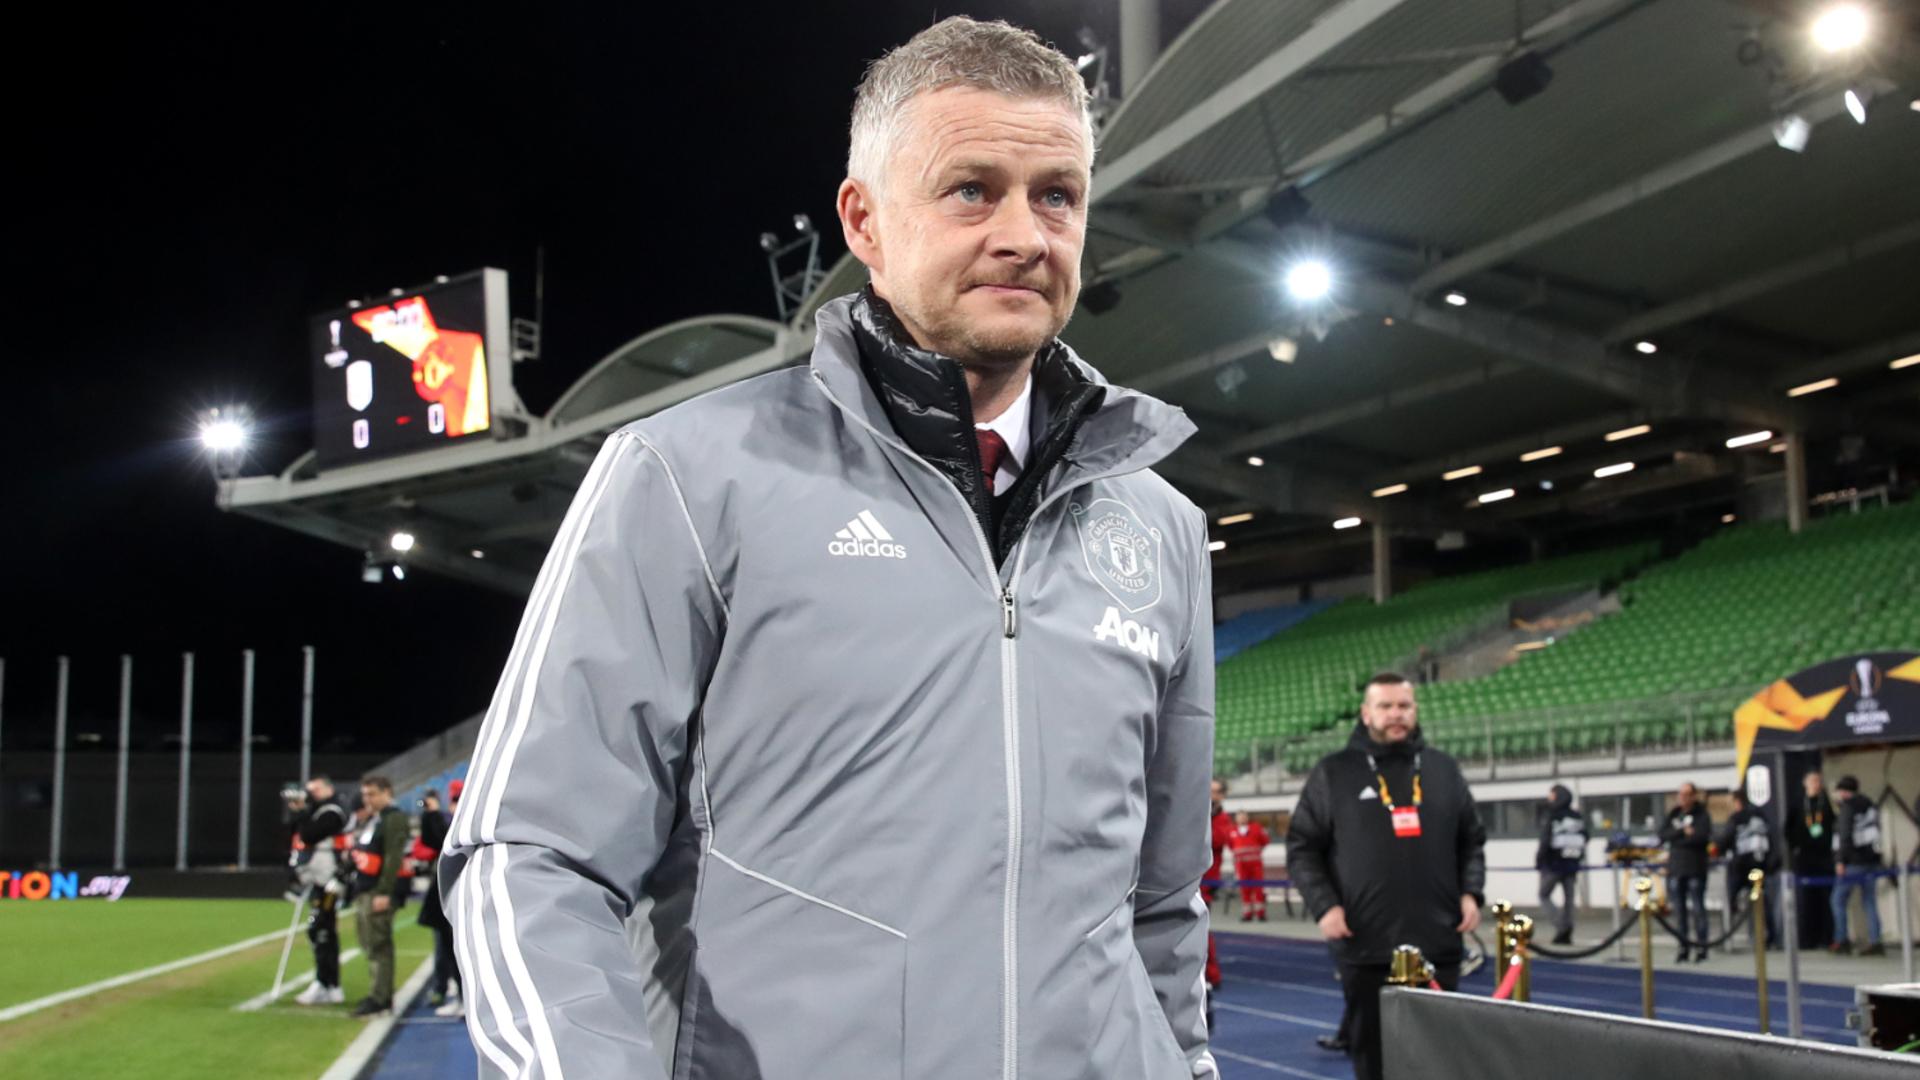 Coronavirus: Calling out footballers is unfair, says Man Utd boss Solskjaer